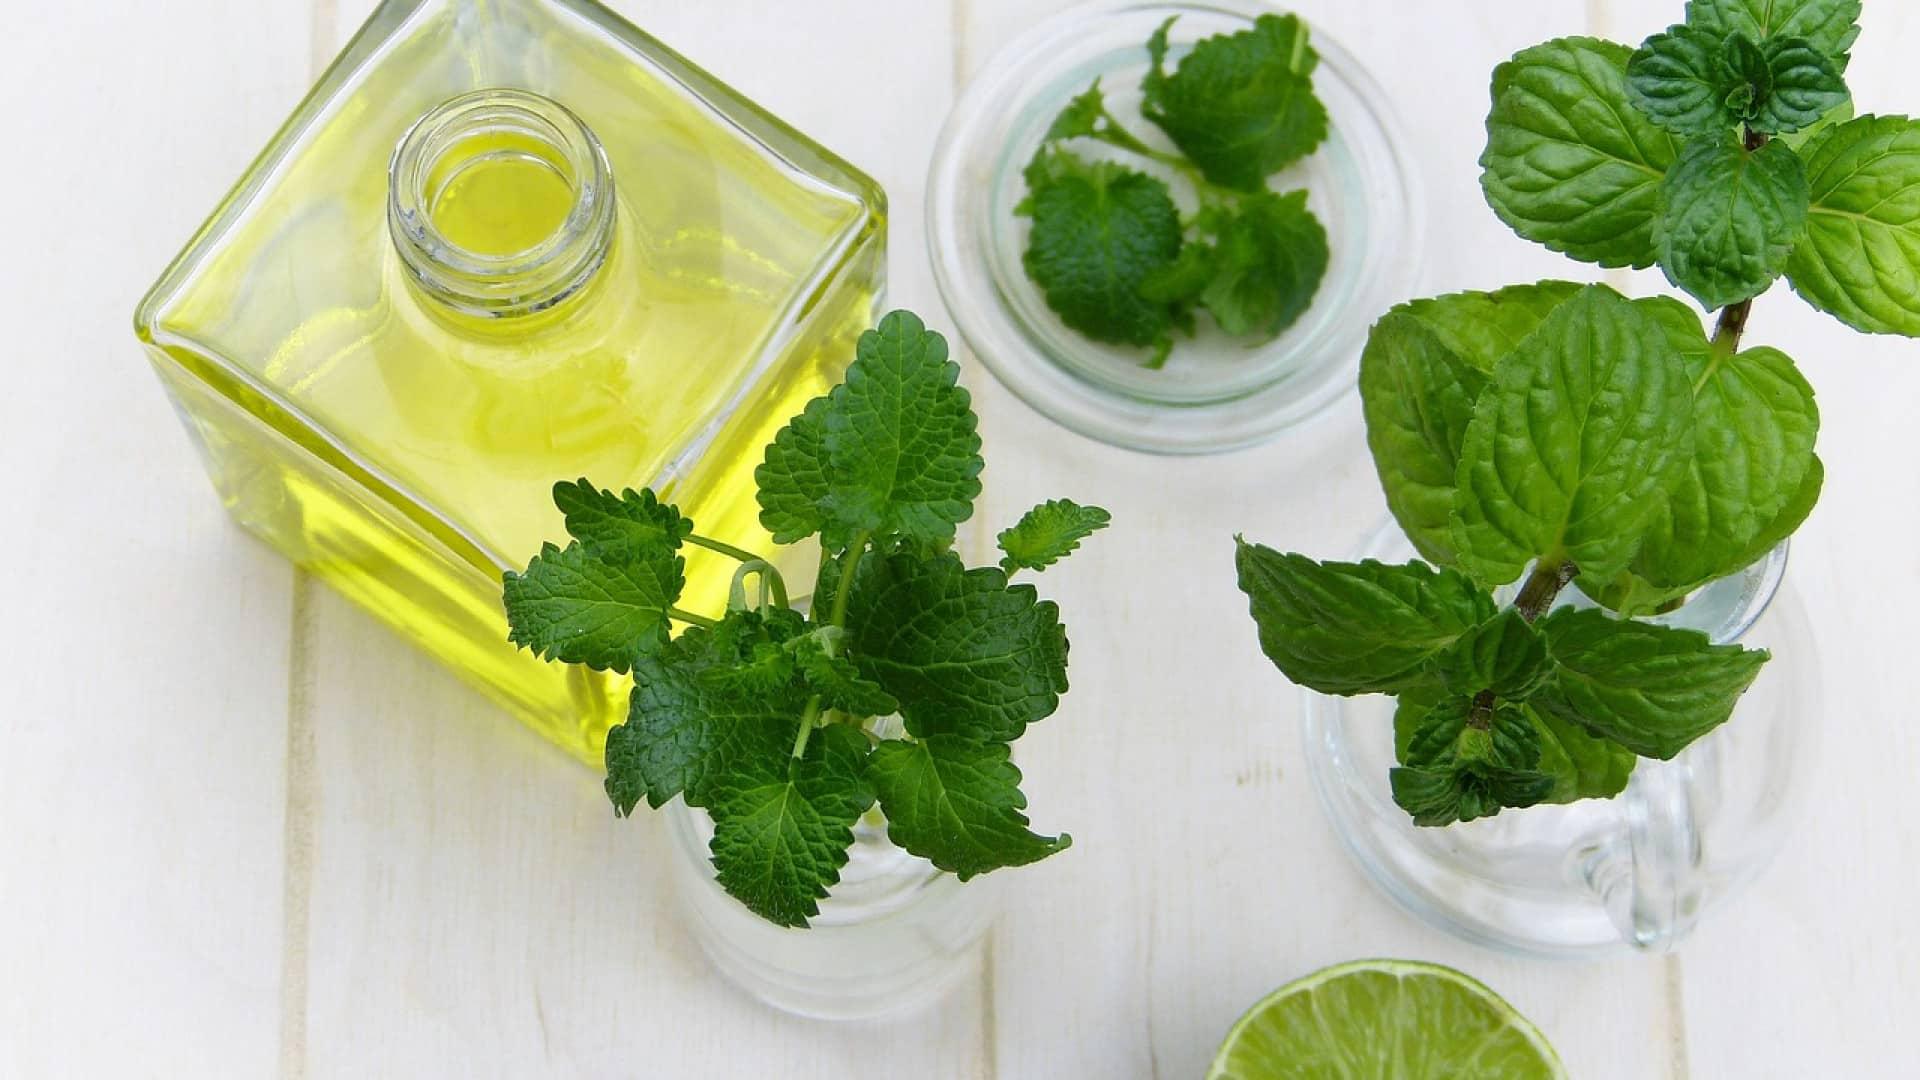 L'huile essentielle de ravintsara, un remède naturel aux nombreux atouts